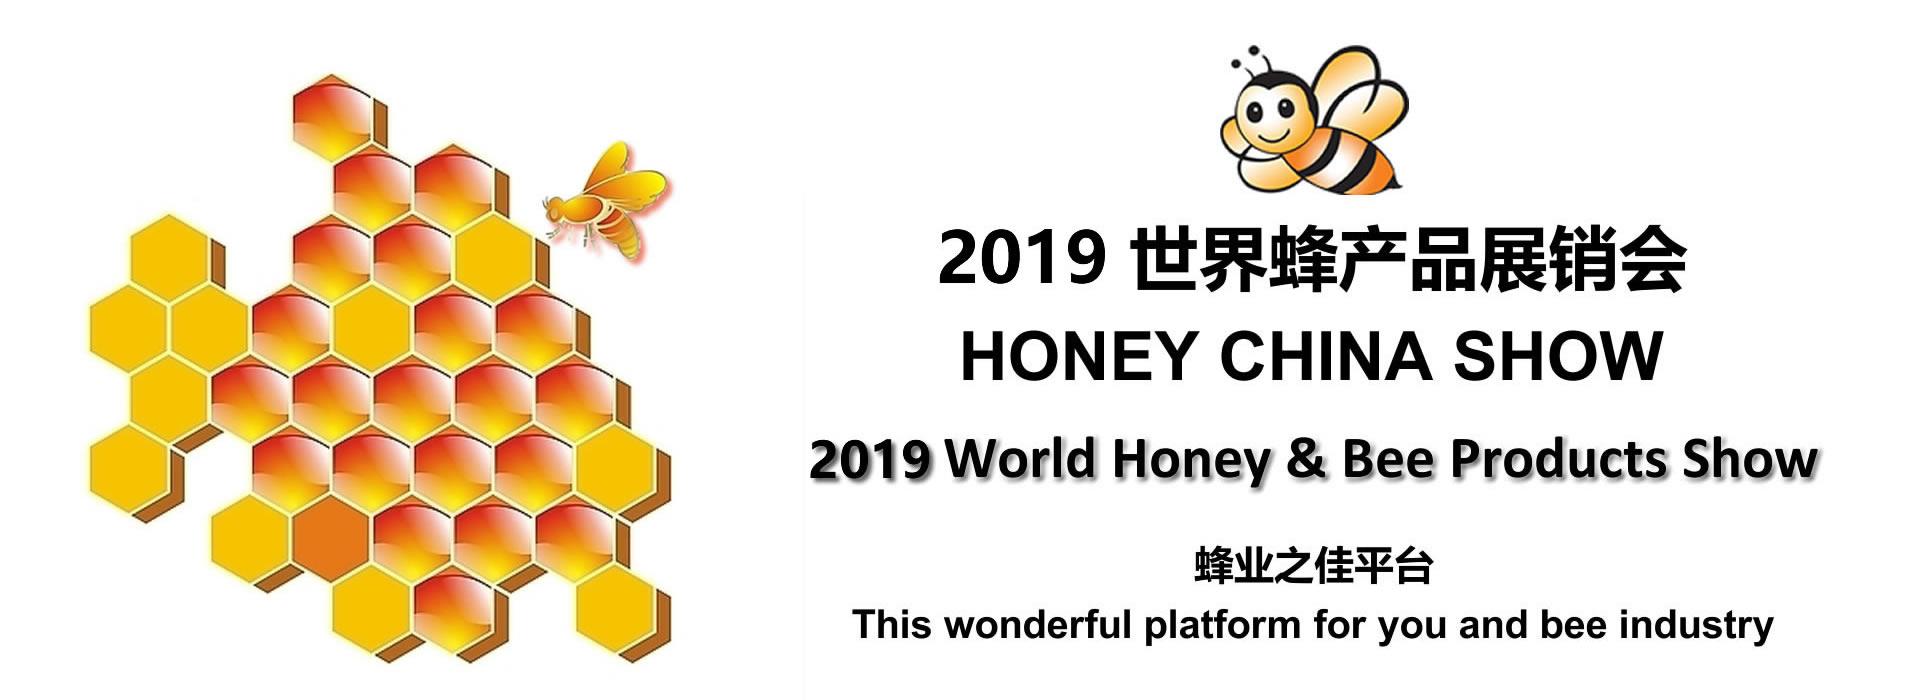 209 Honey China Show